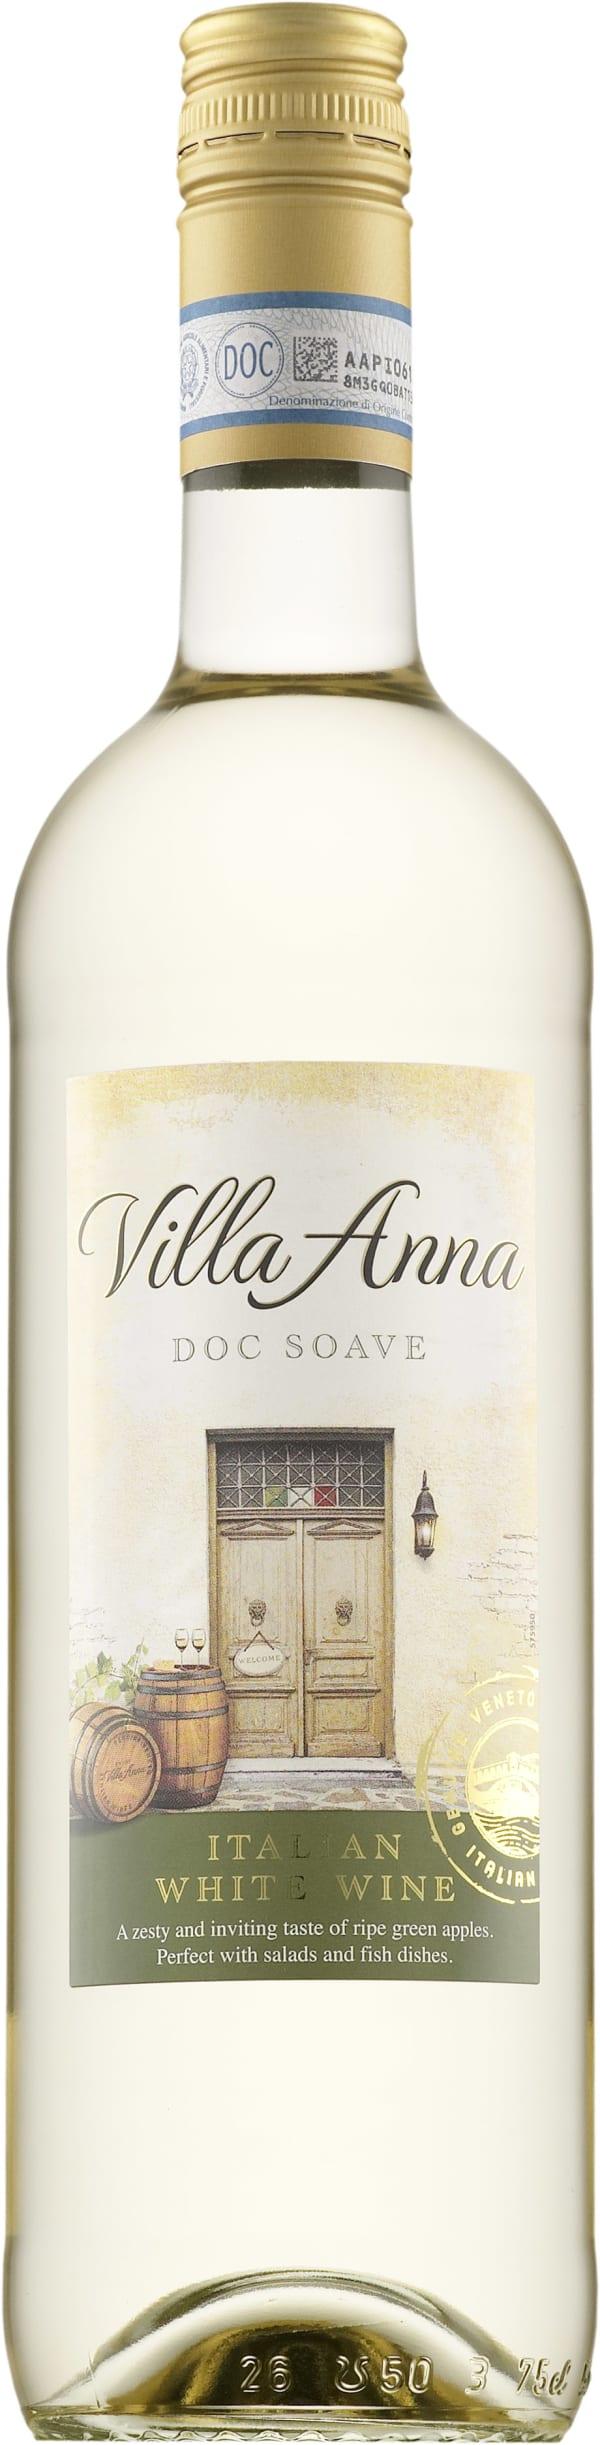 Villa Anna Soave 2016